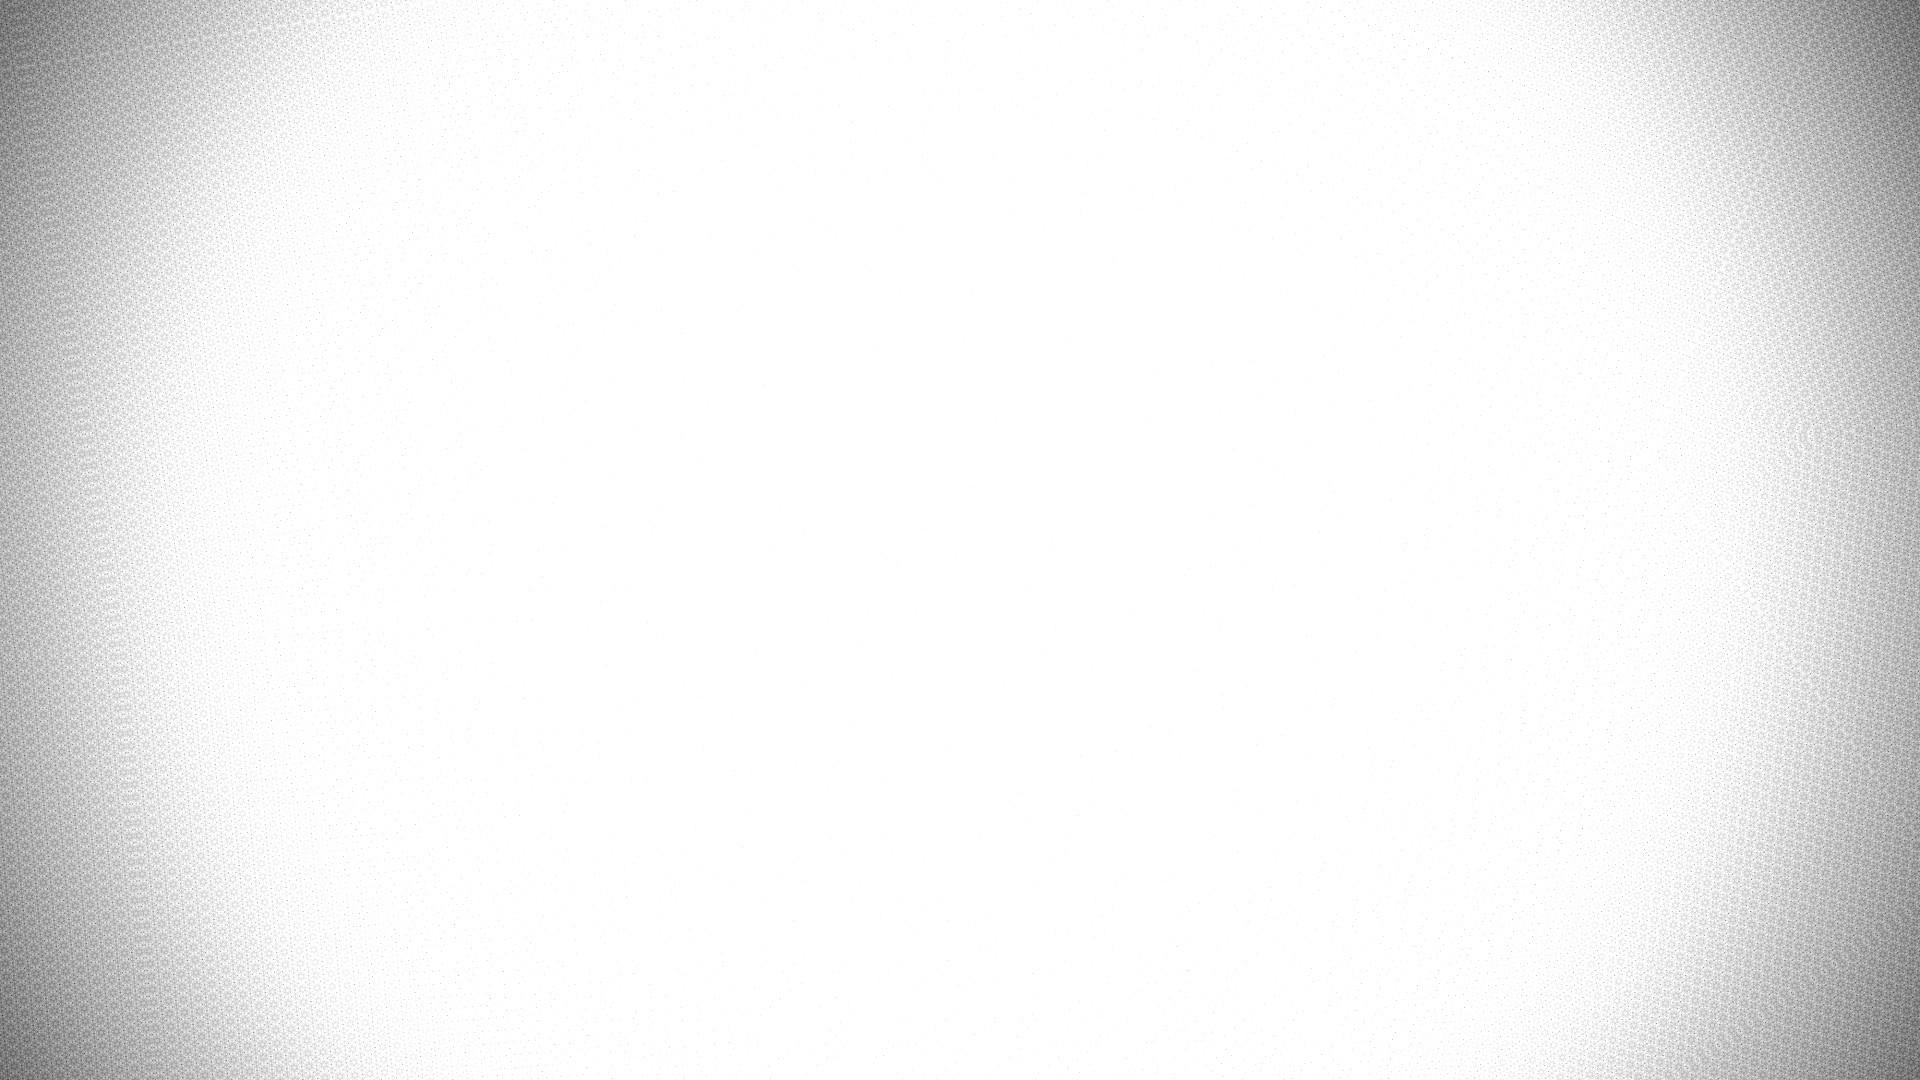 картинки пустого белого фона так фотографии